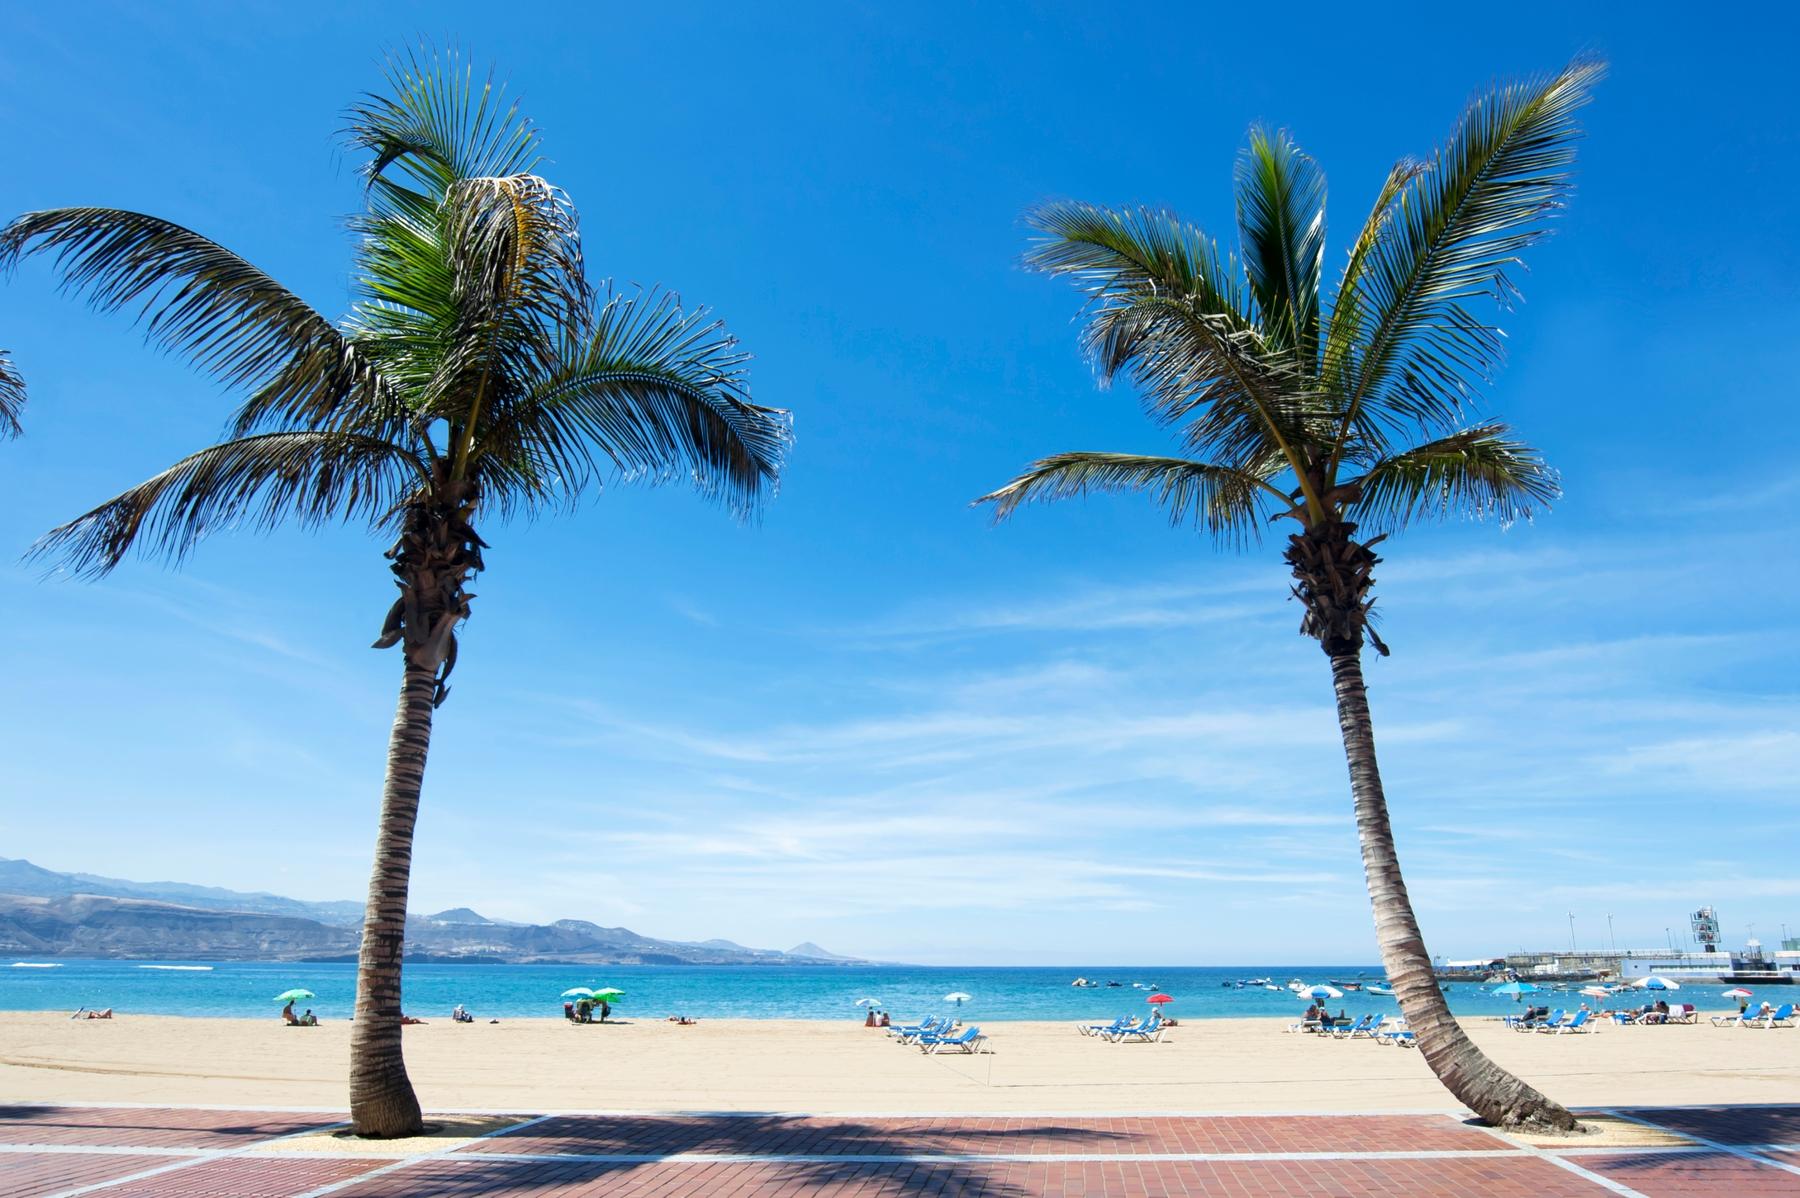 Spiagge gran Canaria: Playa del Inglés